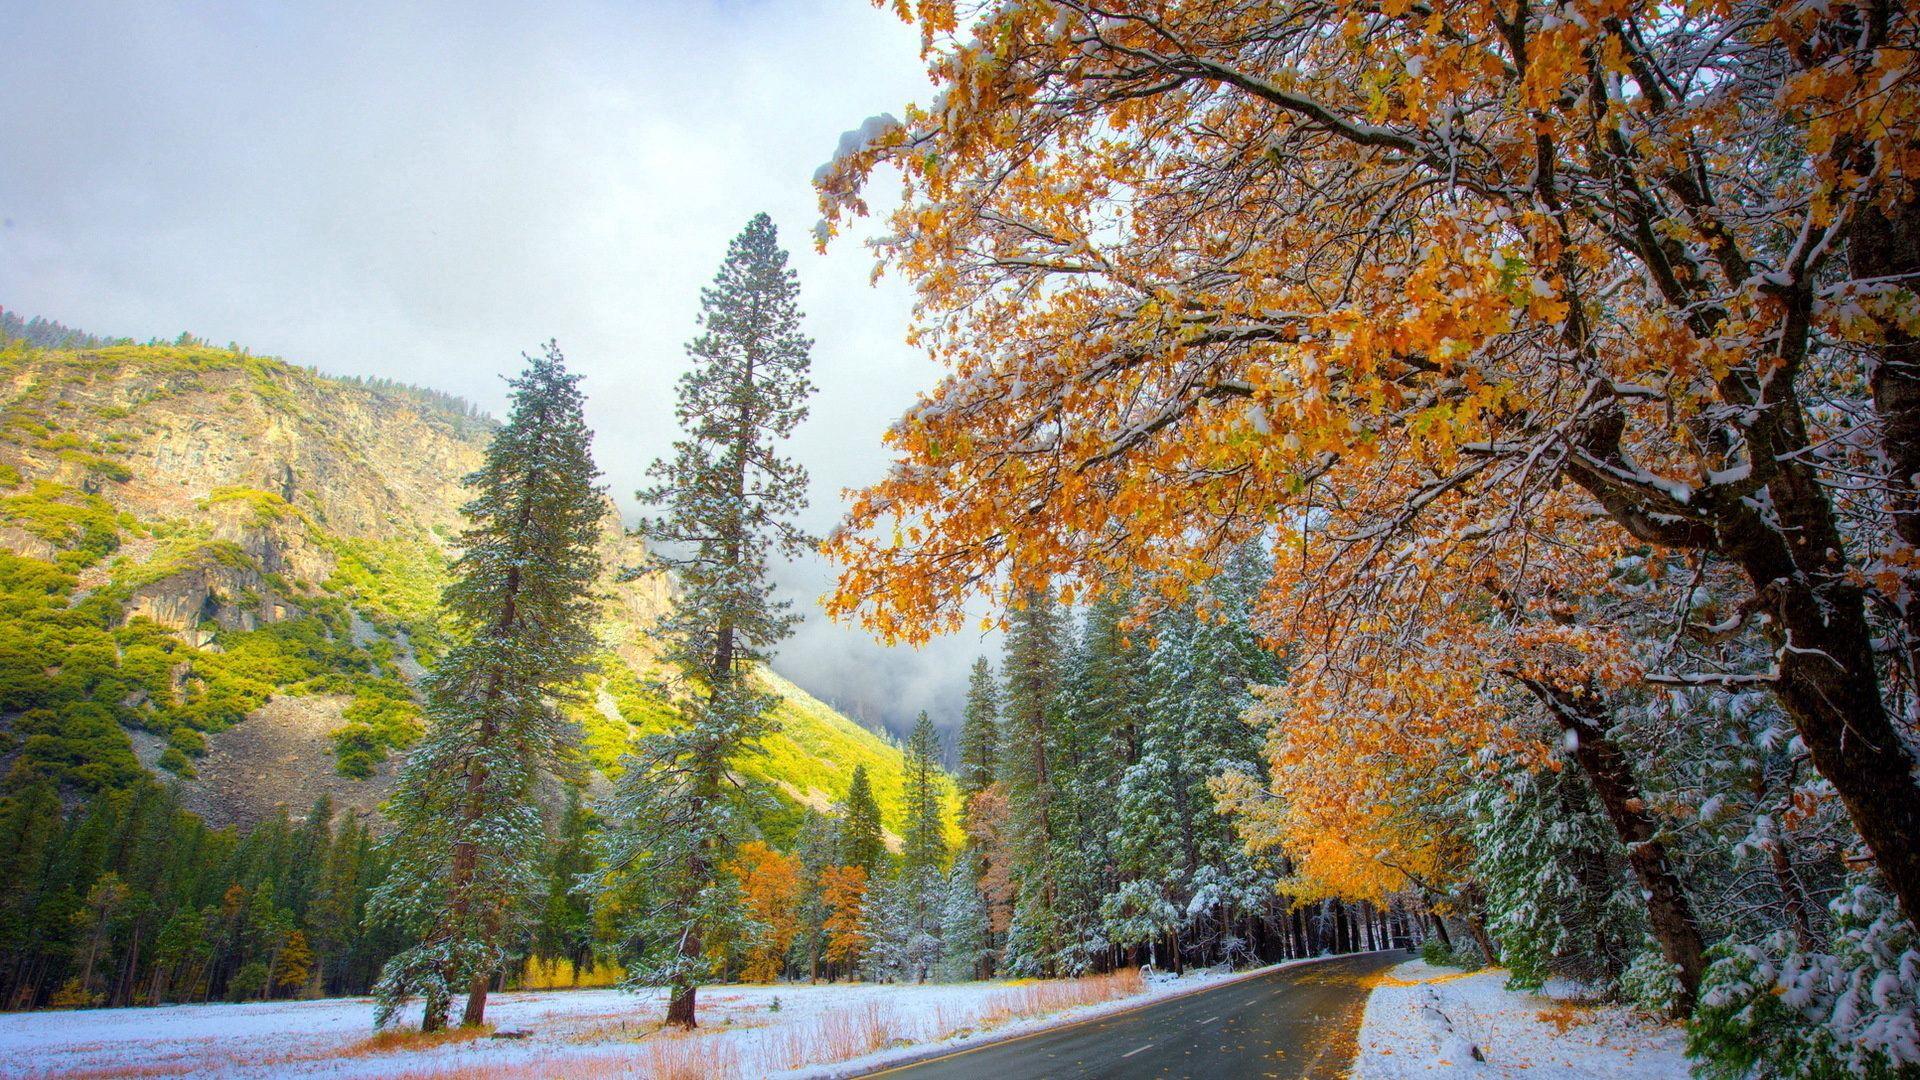 72761 скачать обои Зима, Осень, Природа, Горы, Снег, Дорога - заставки и картинки бесплатно